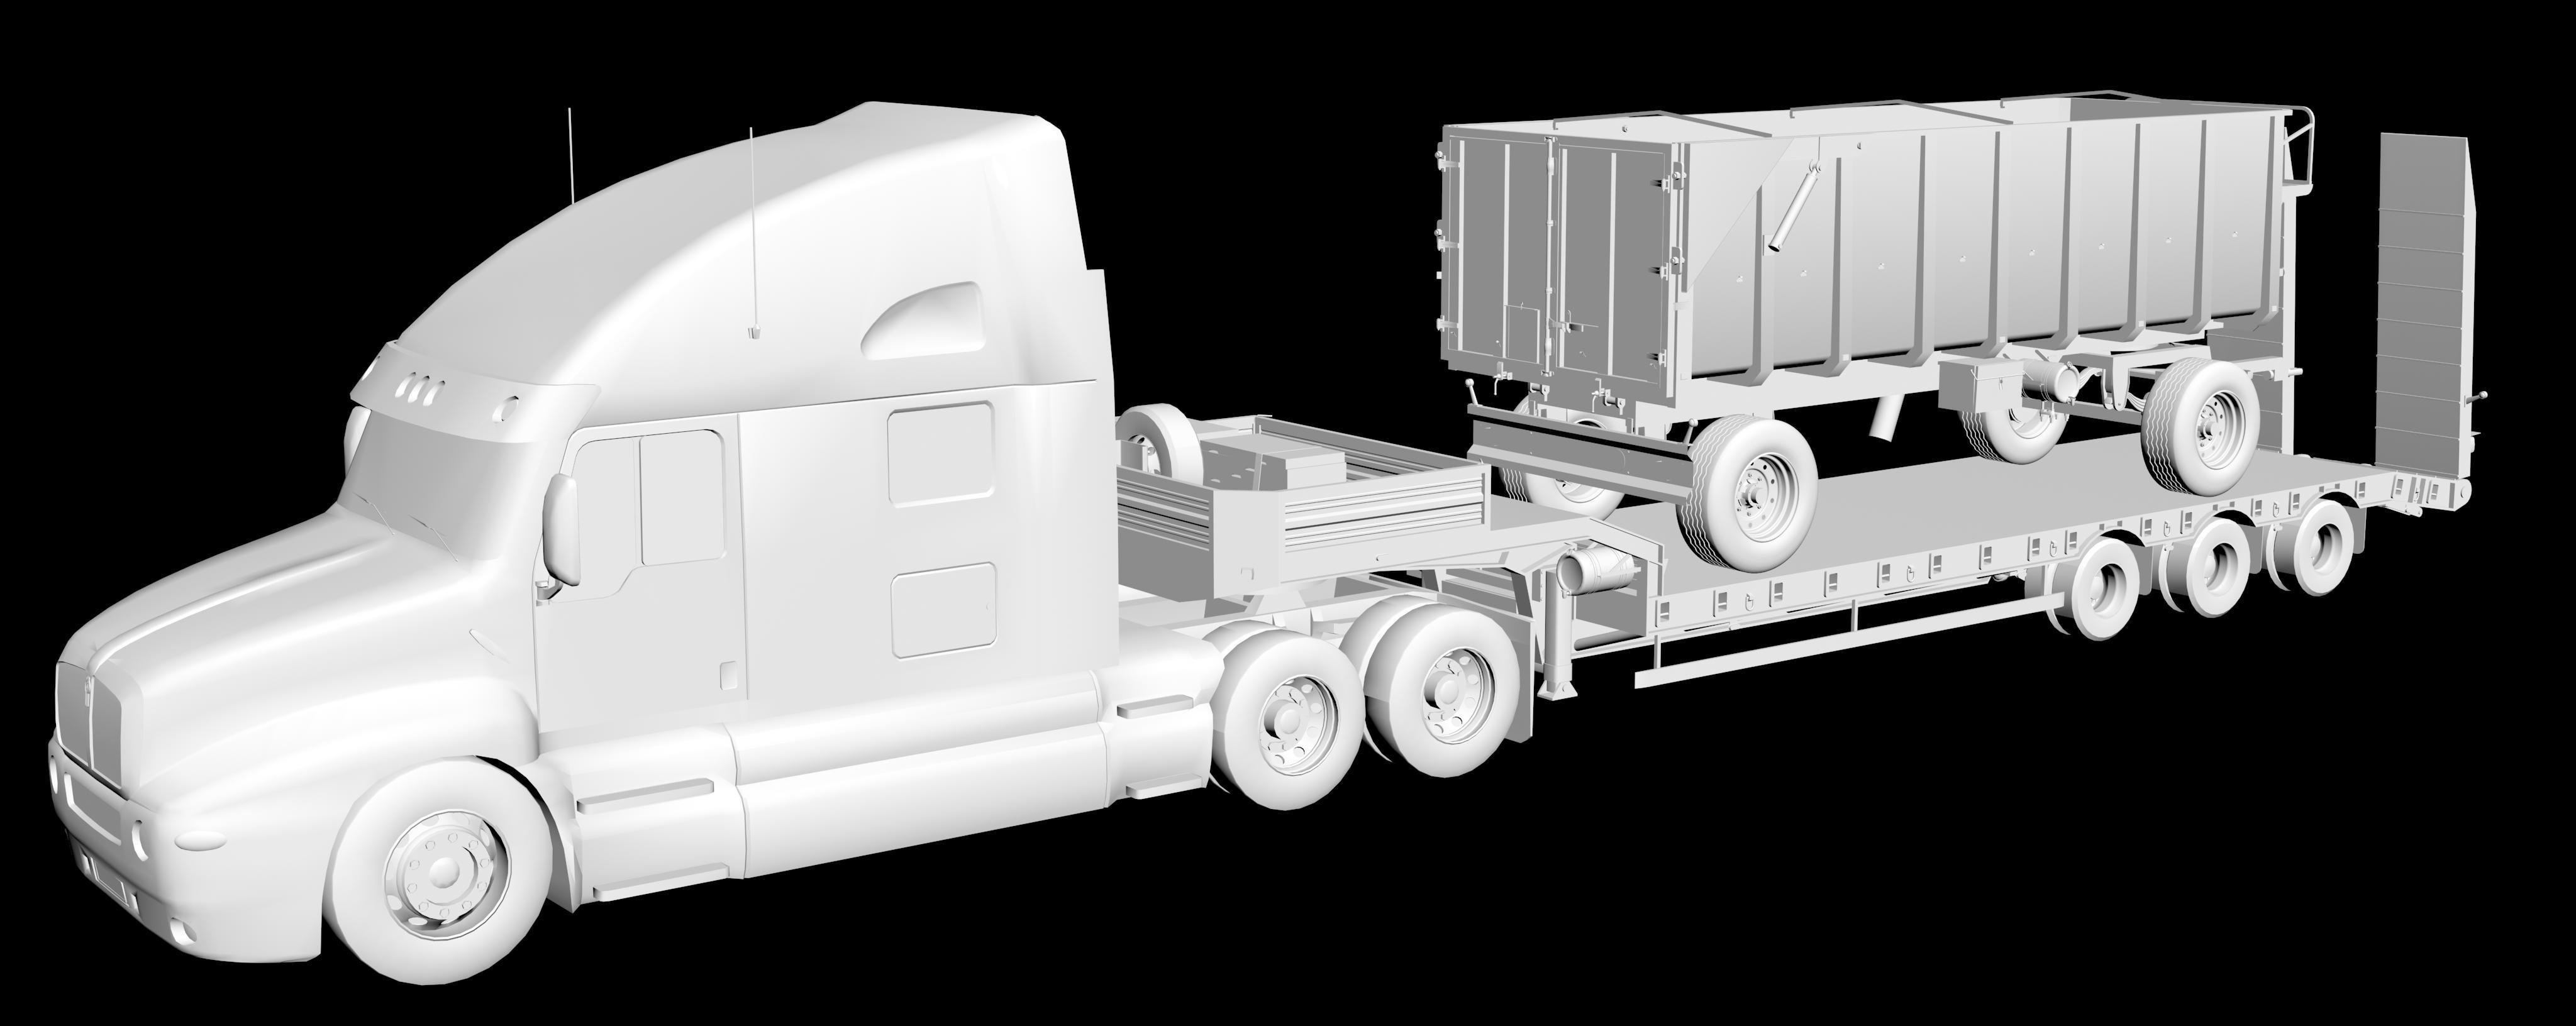 [Encuesta][T.E.P.] Proyecto Aguas Tenias (22 modelos + 1 Camión) [Terminado 21-4-2014]. - Página 5 54ewsff